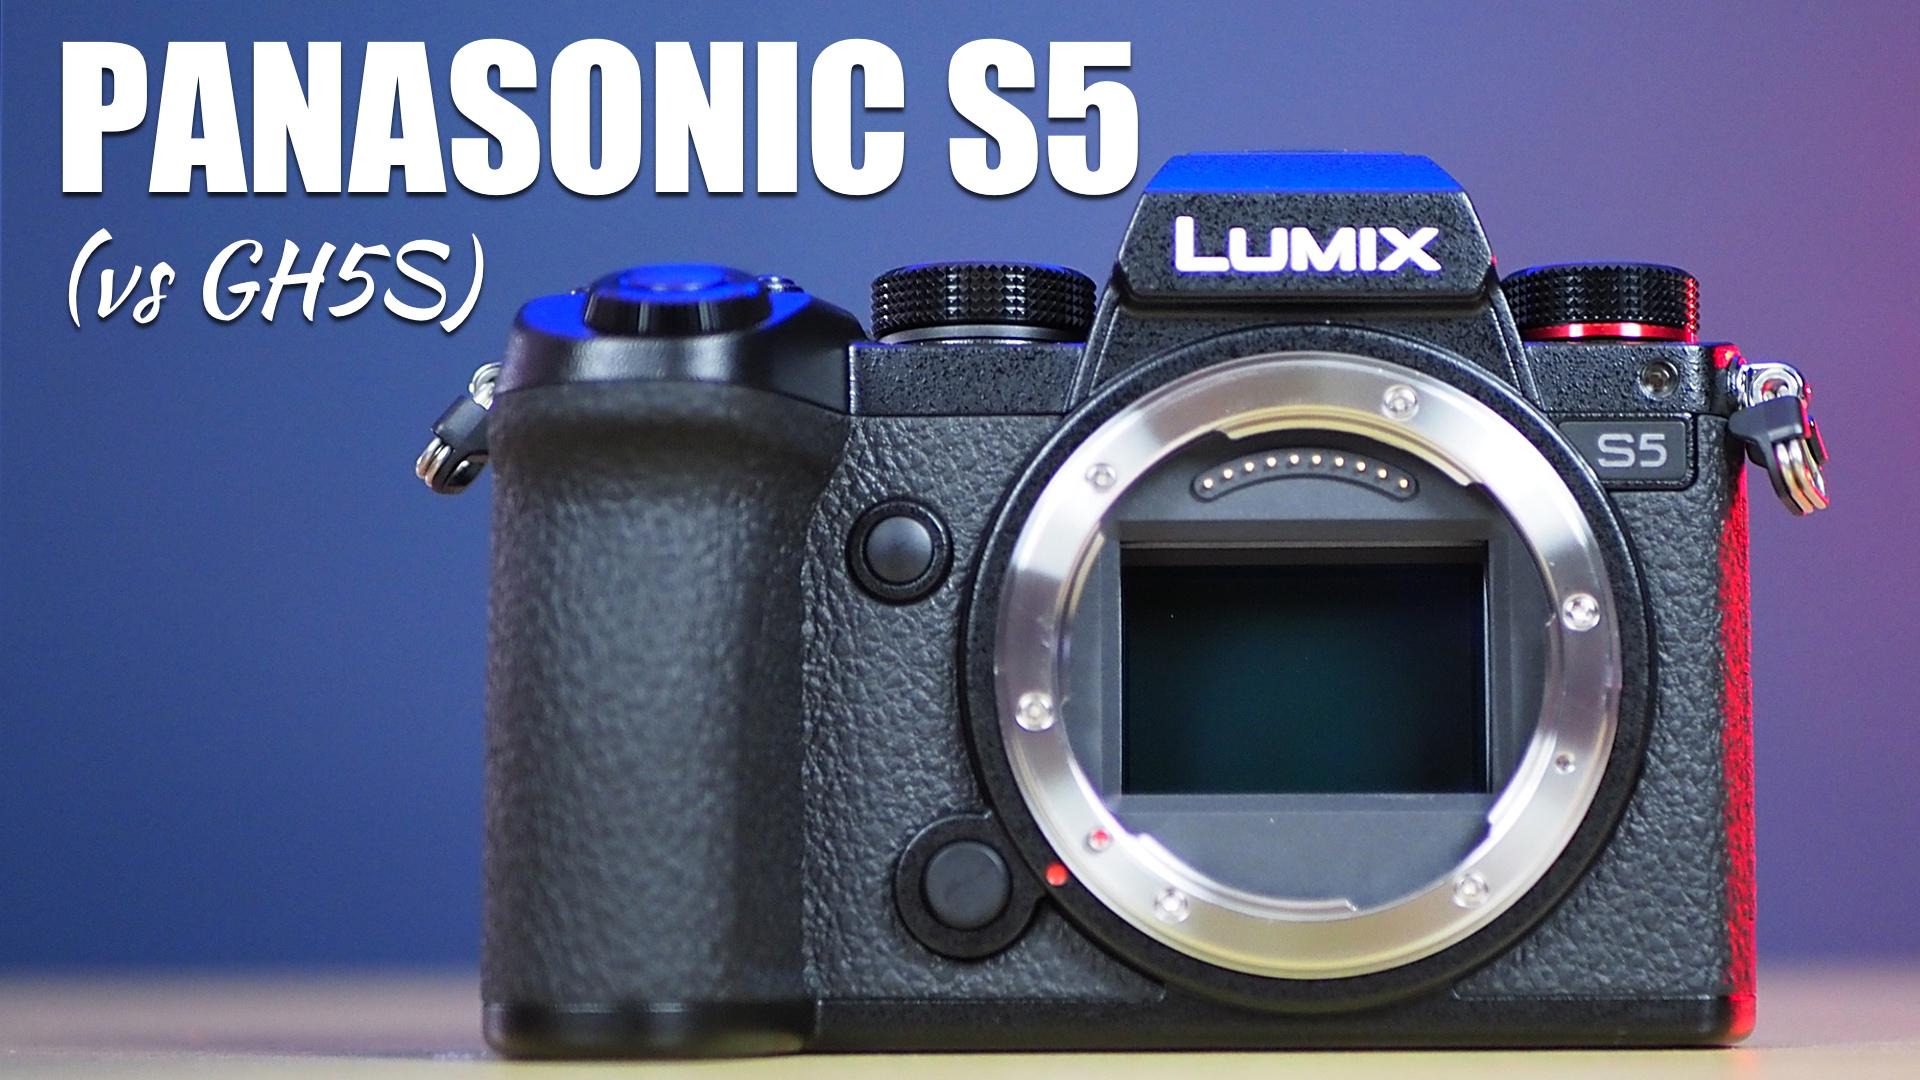 Panasonic Lumix DC-S5 Camera Review